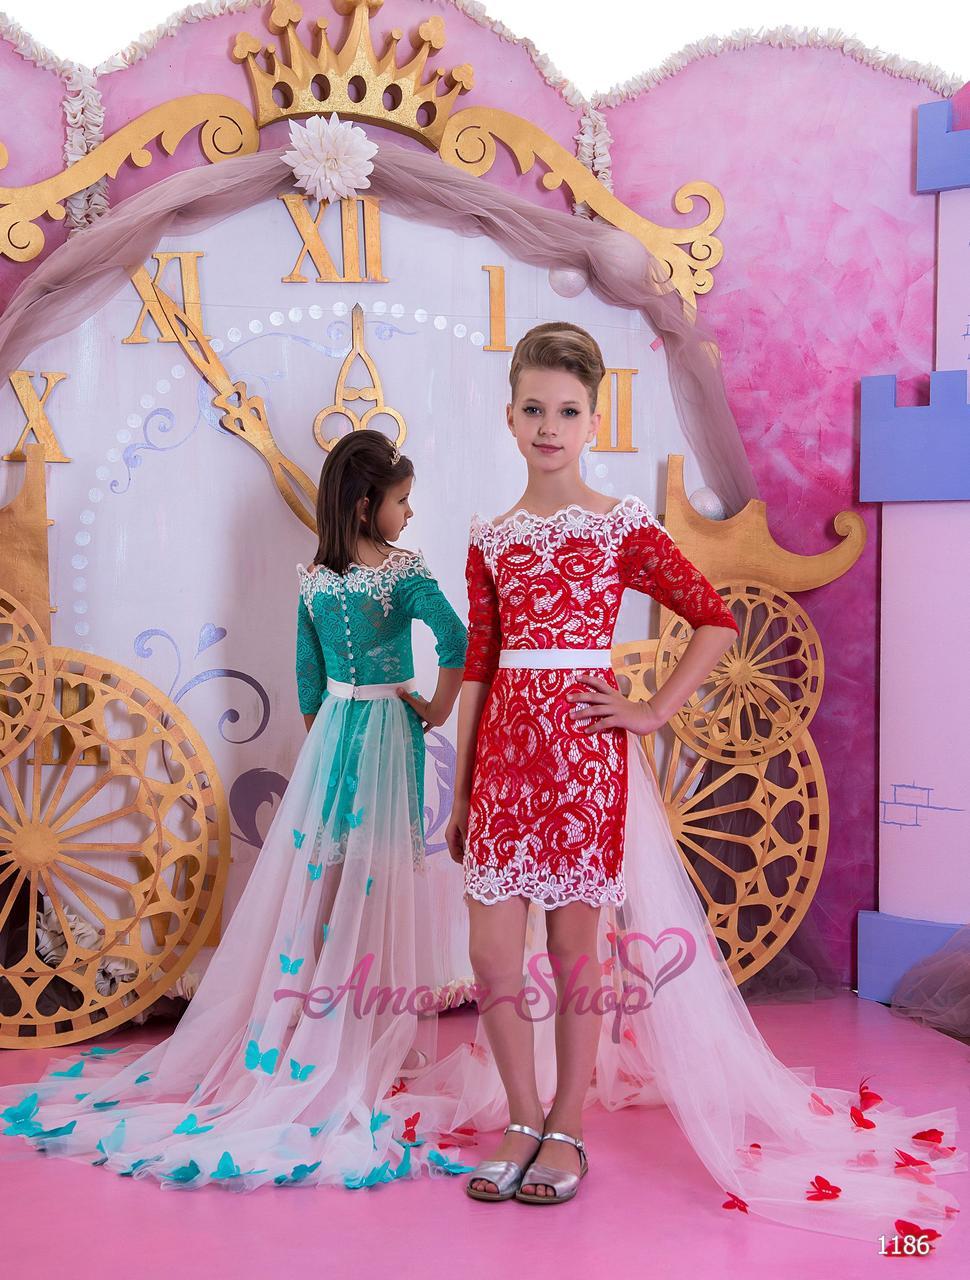 Детское нарядное платье на девочку 4,5,6,7,8,9,10,11лет (выпускной, в садик, 4 класс),  1186